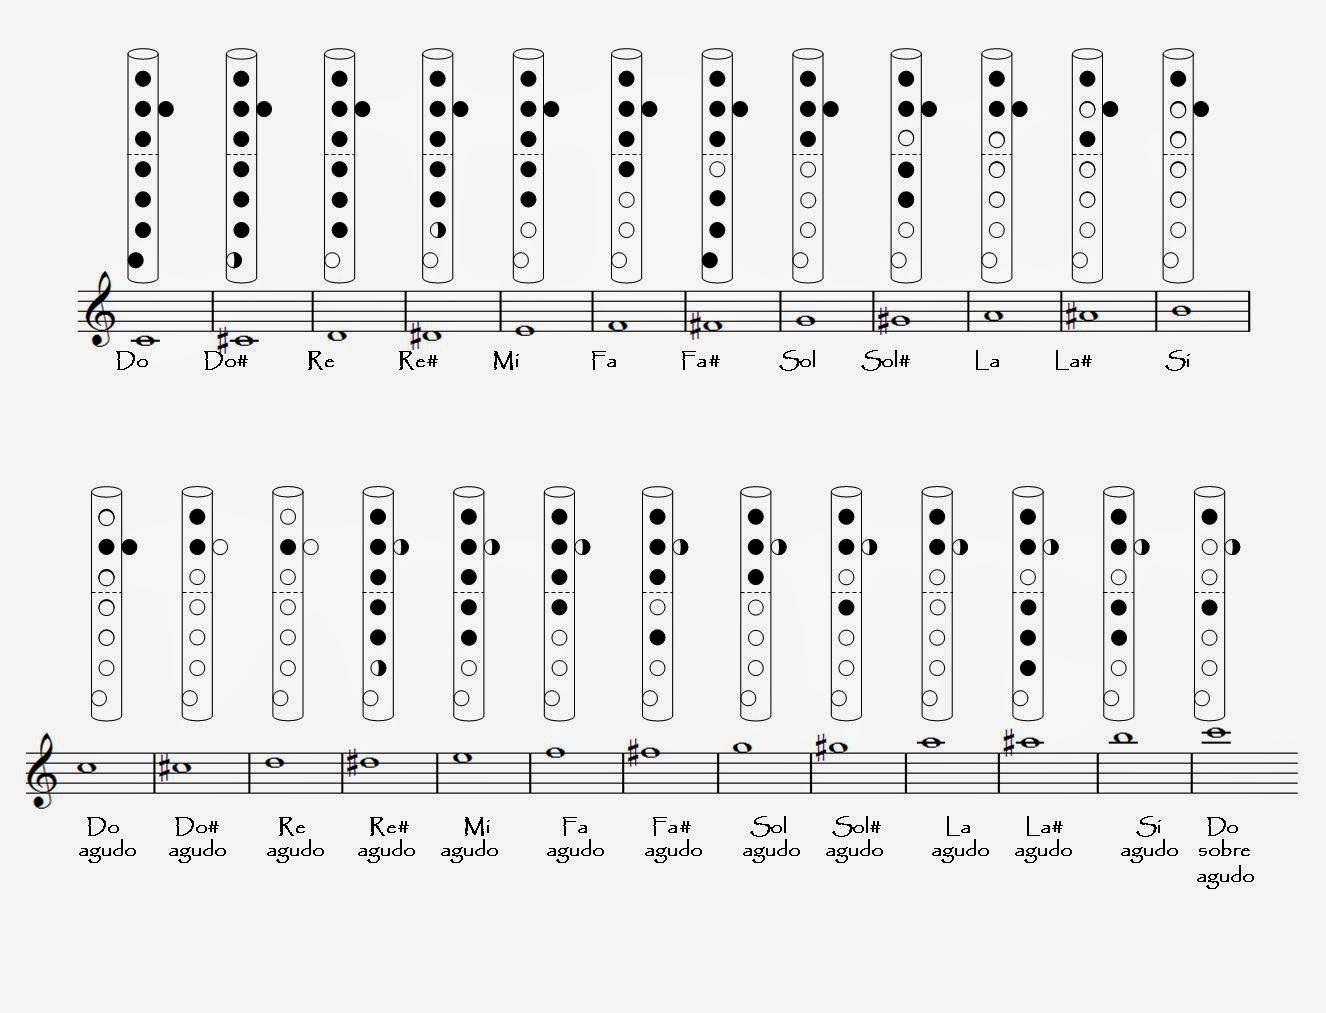 tocar una nota de forma interactiva. Vayan al teclado y presionen la ...